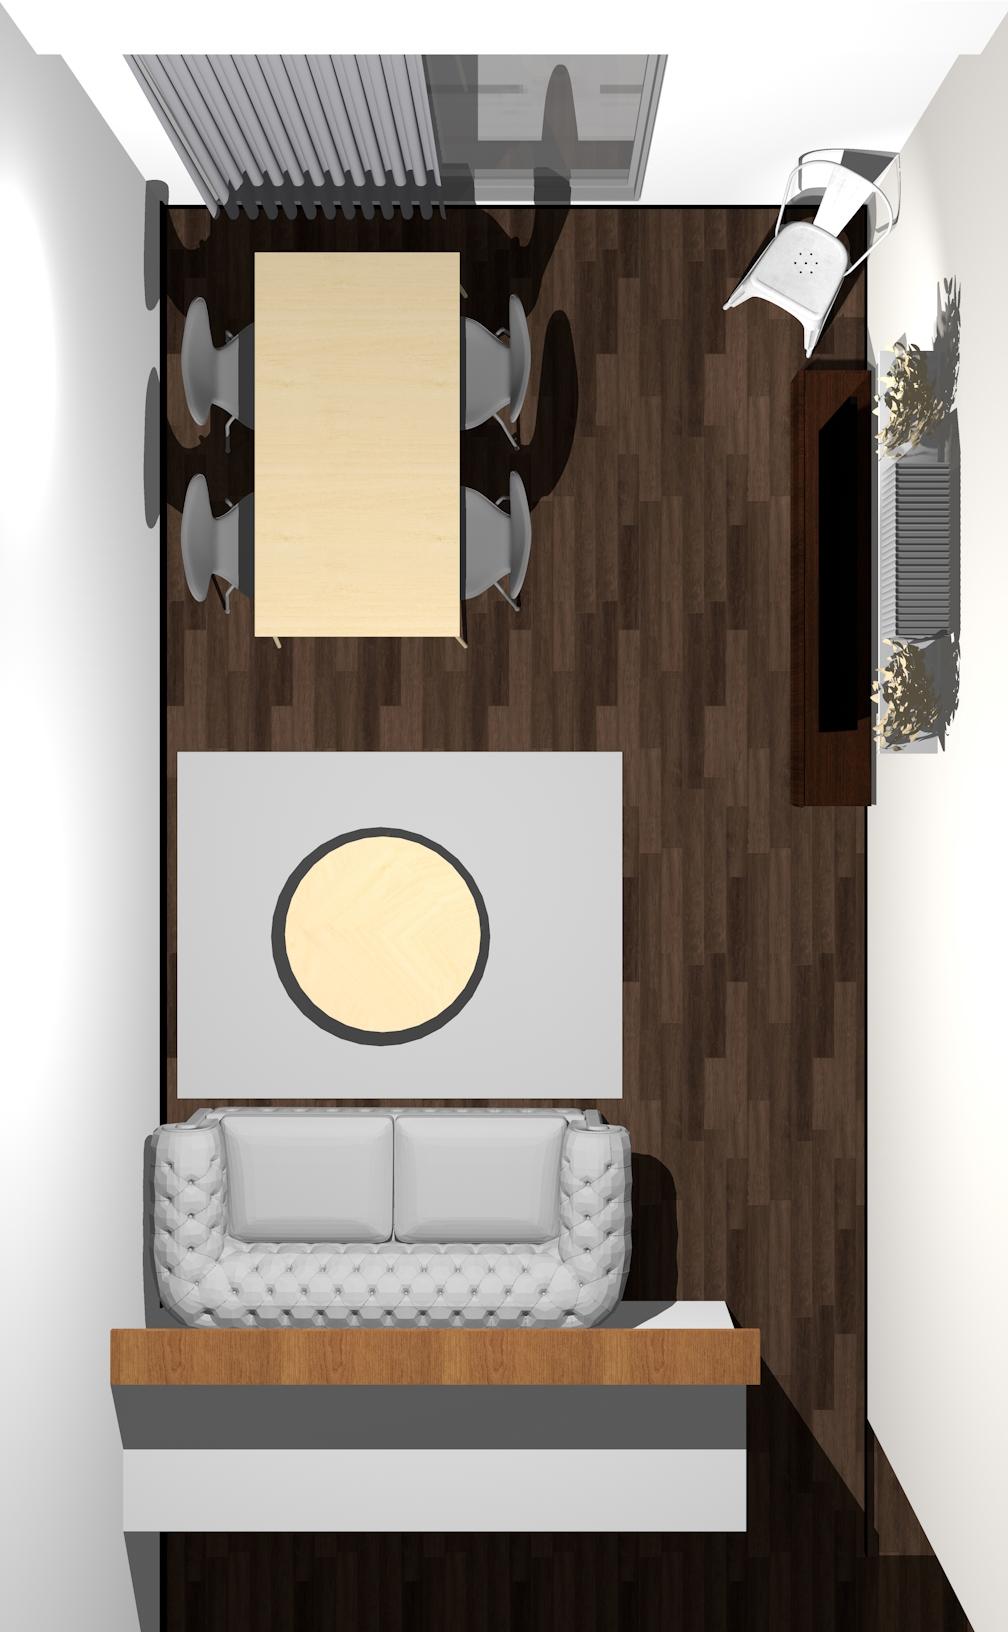 キッチン(対面カウンター)の前がリビング用ソファ」で「窓の前がダイニング」のレイアウト